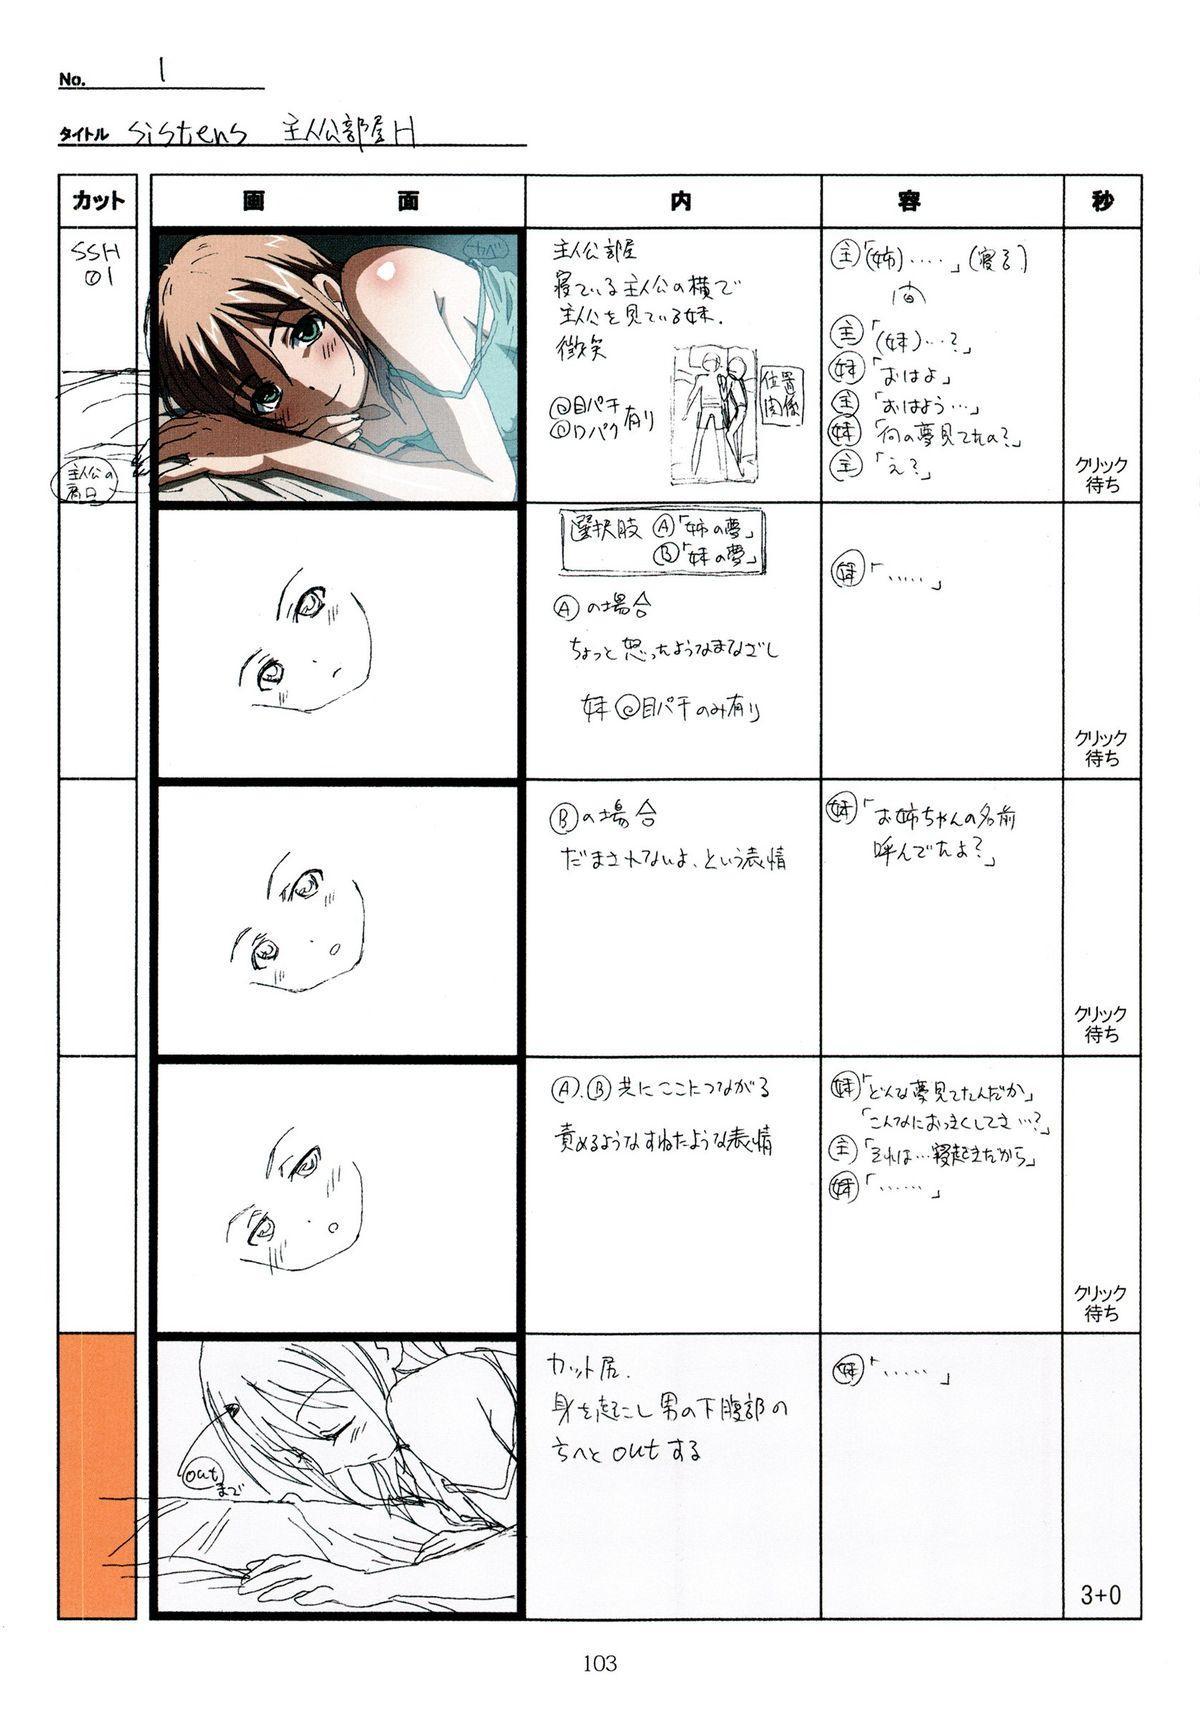 (C89) [Makino Jimusho (Taki Minashika)] SISTERS -Natsu no Saigo no Hi- H Scene All Part Storyboard (SISTERS -Natsu no Saigo no Hi-) 102